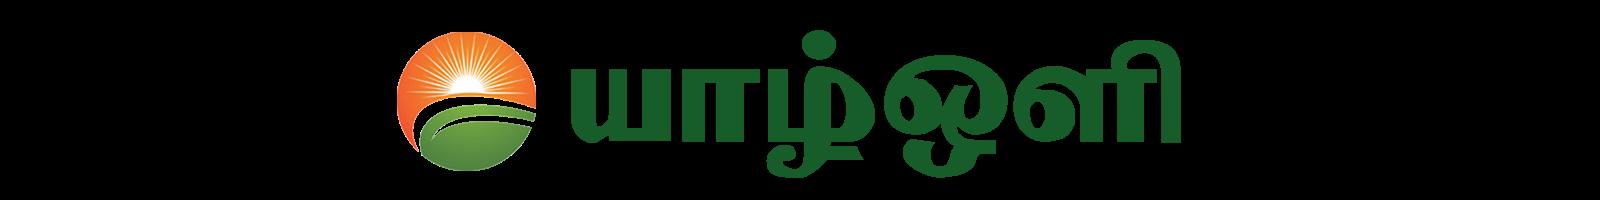 Yarloli.com